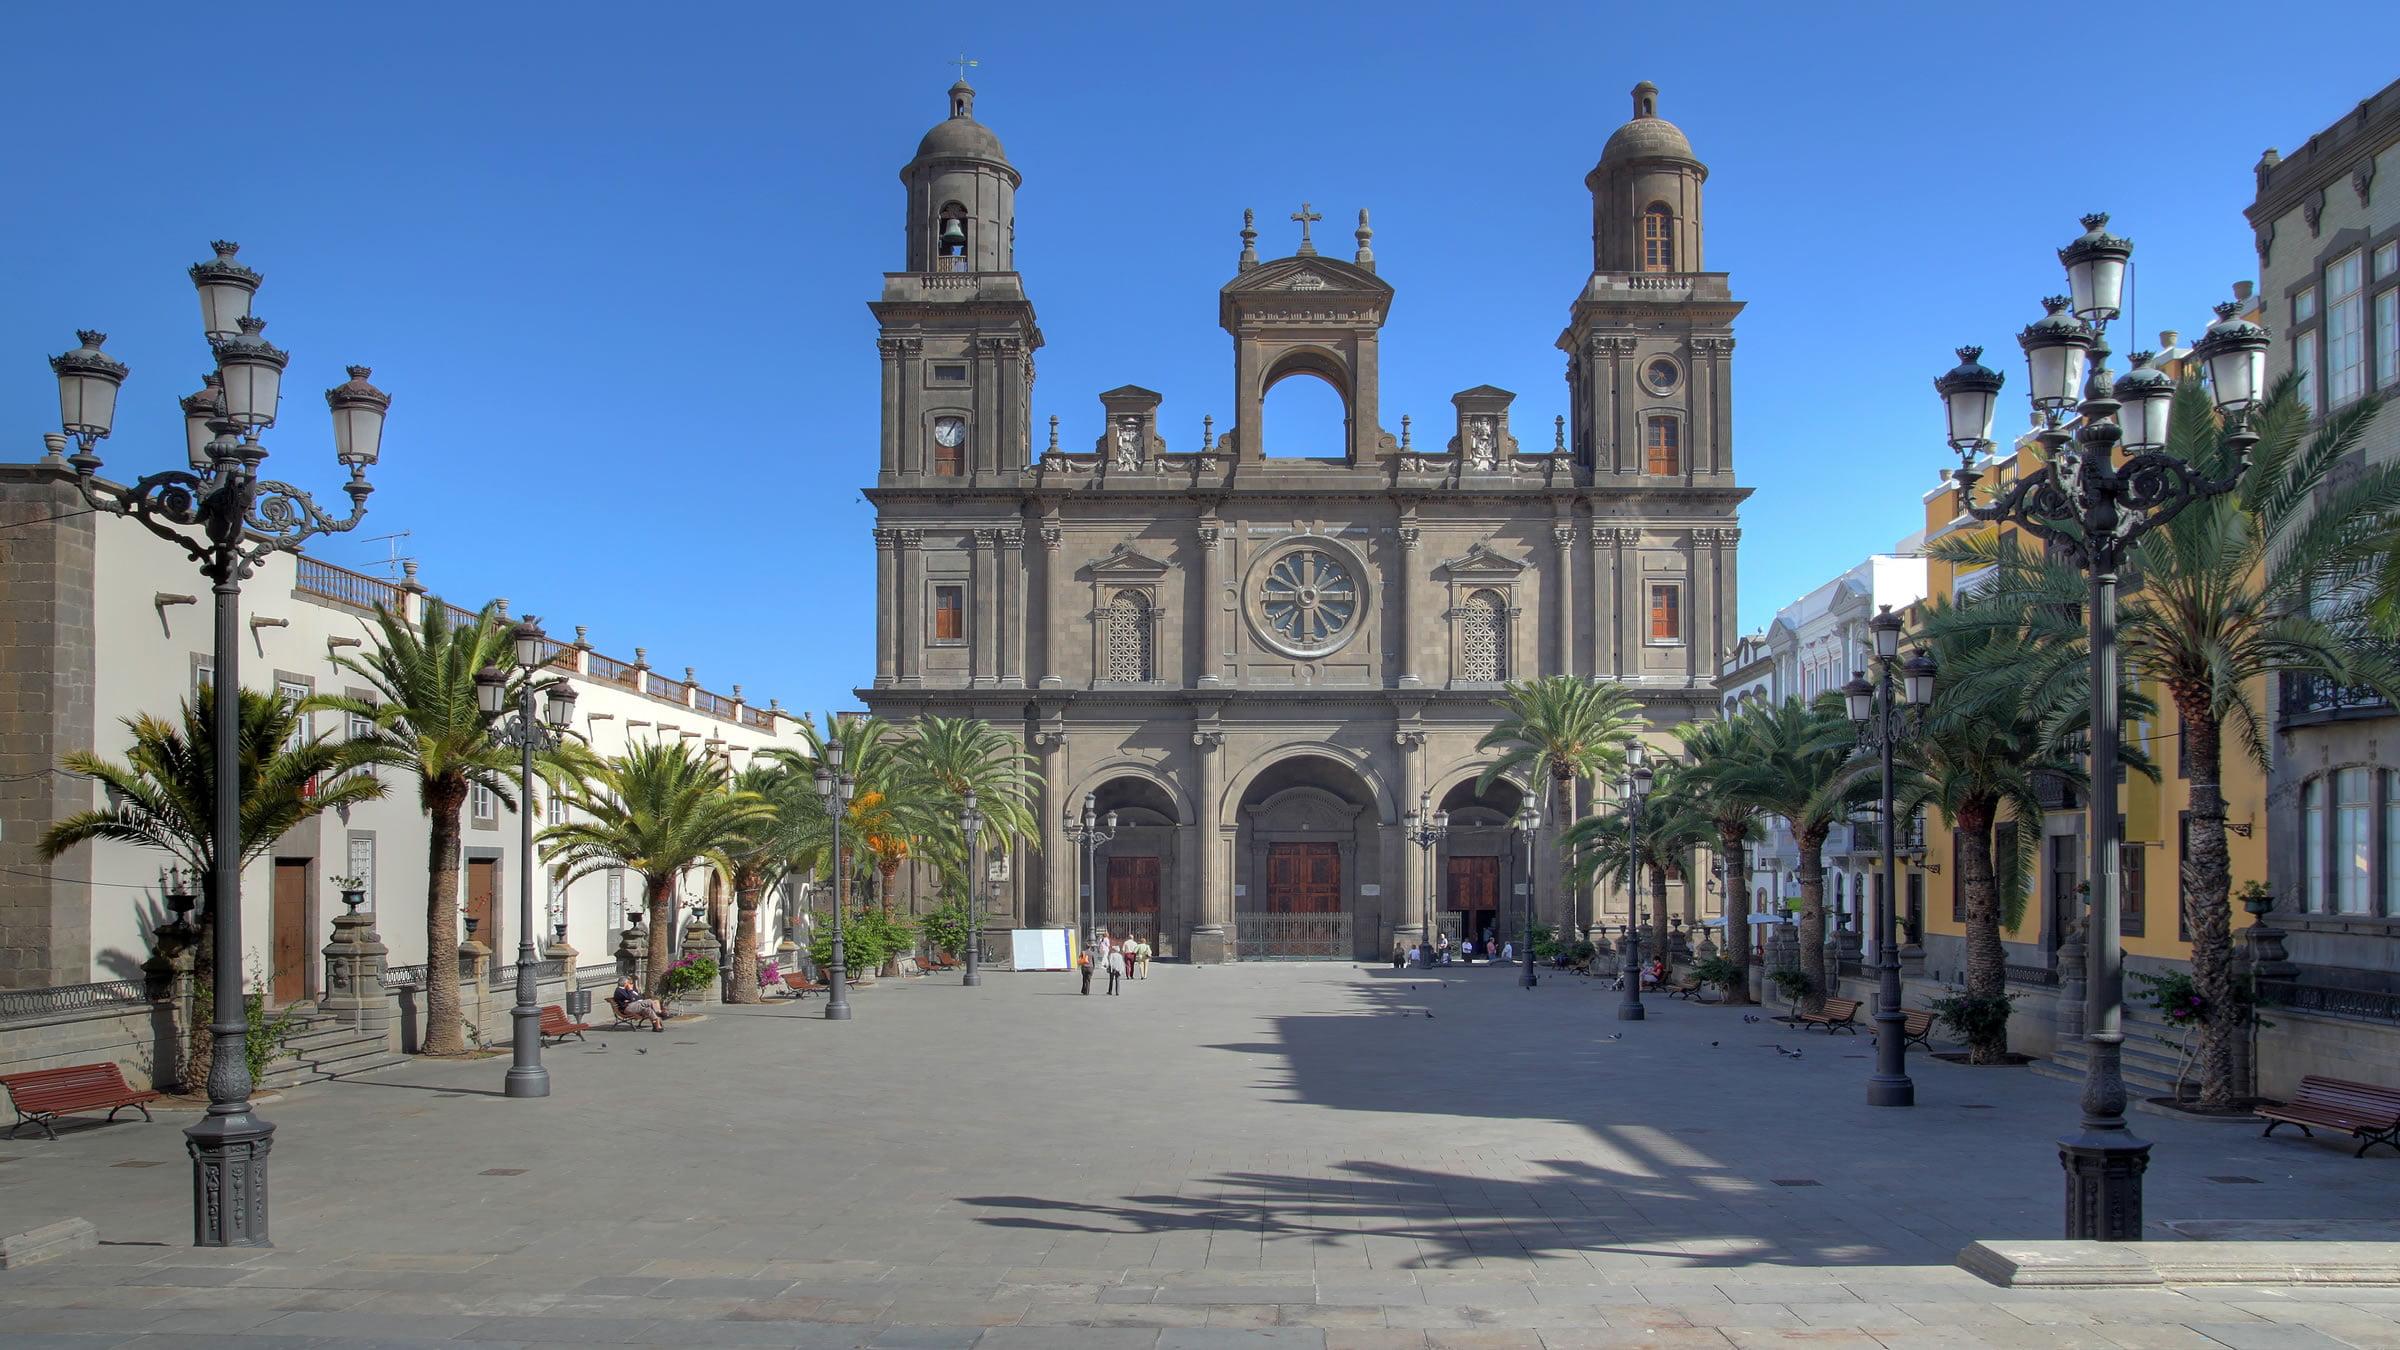 Catedral de santa ana las palmas de gran canaria for Cristalerias en las palmas de gran canaria